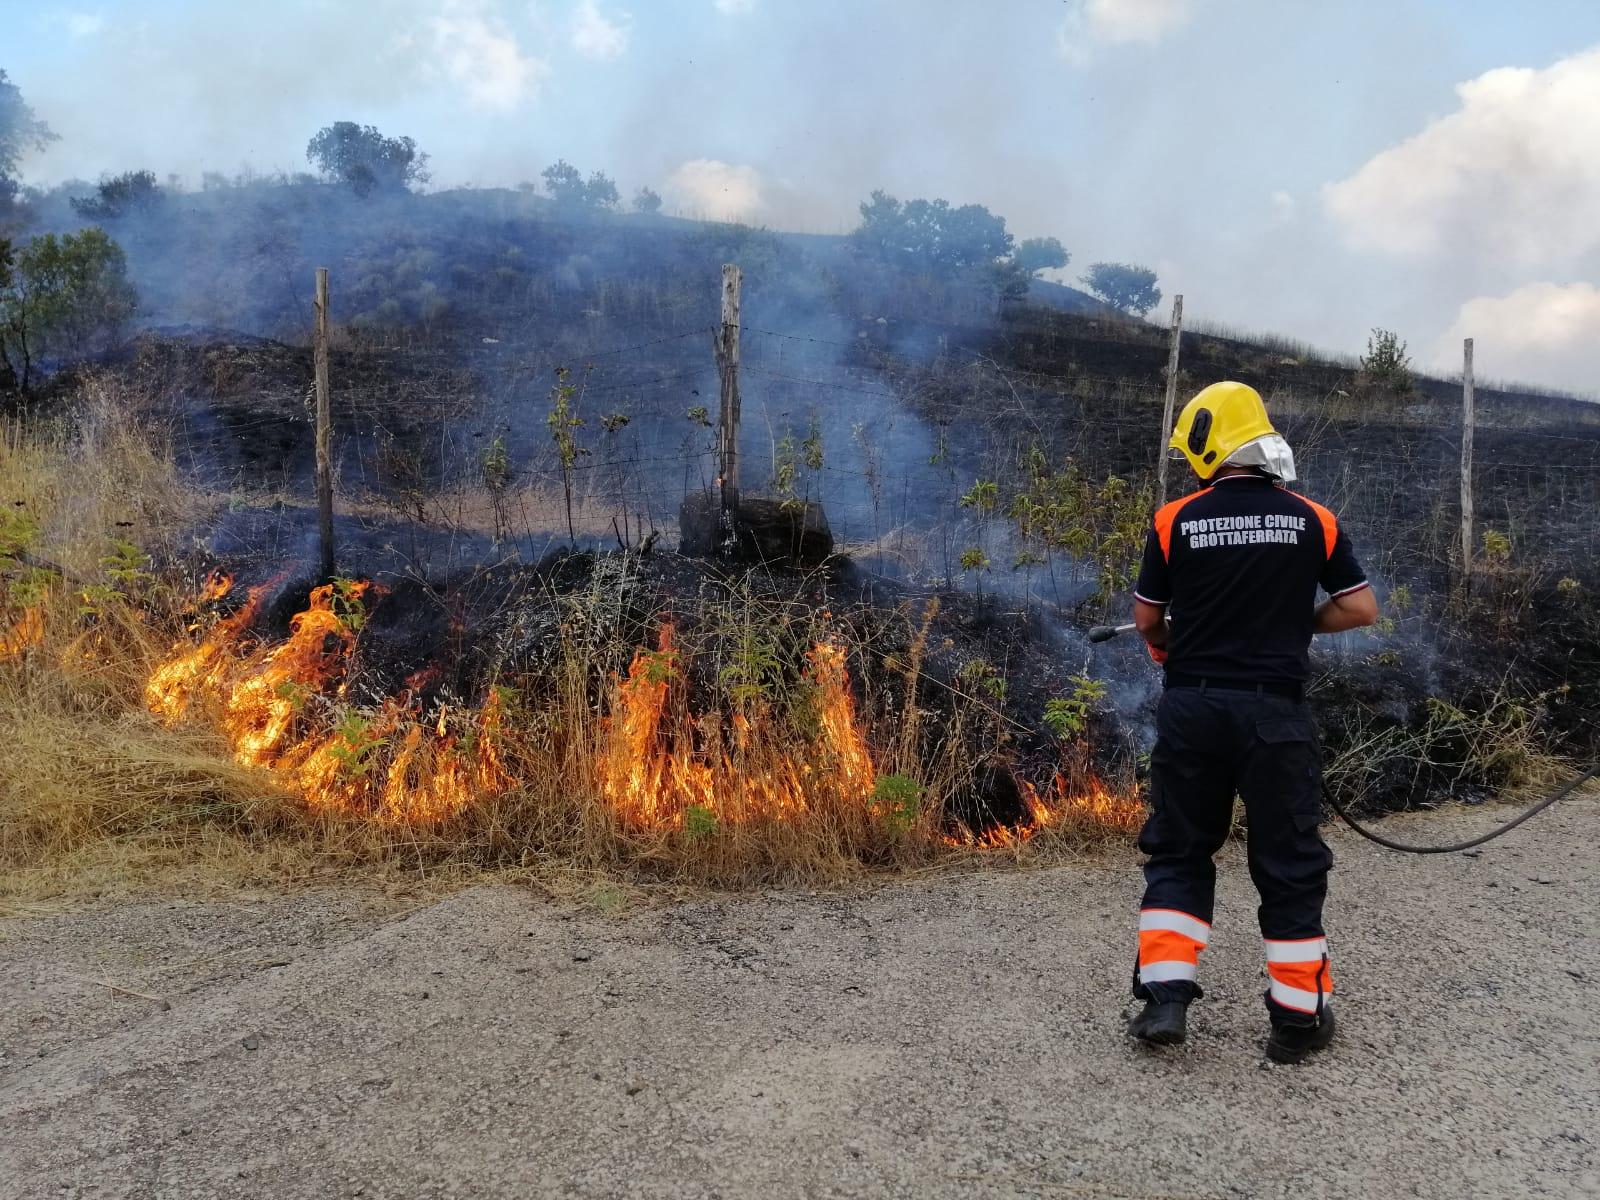 Rocca Priora e Grottaferrata, piromani continuano ad appiccare incendi